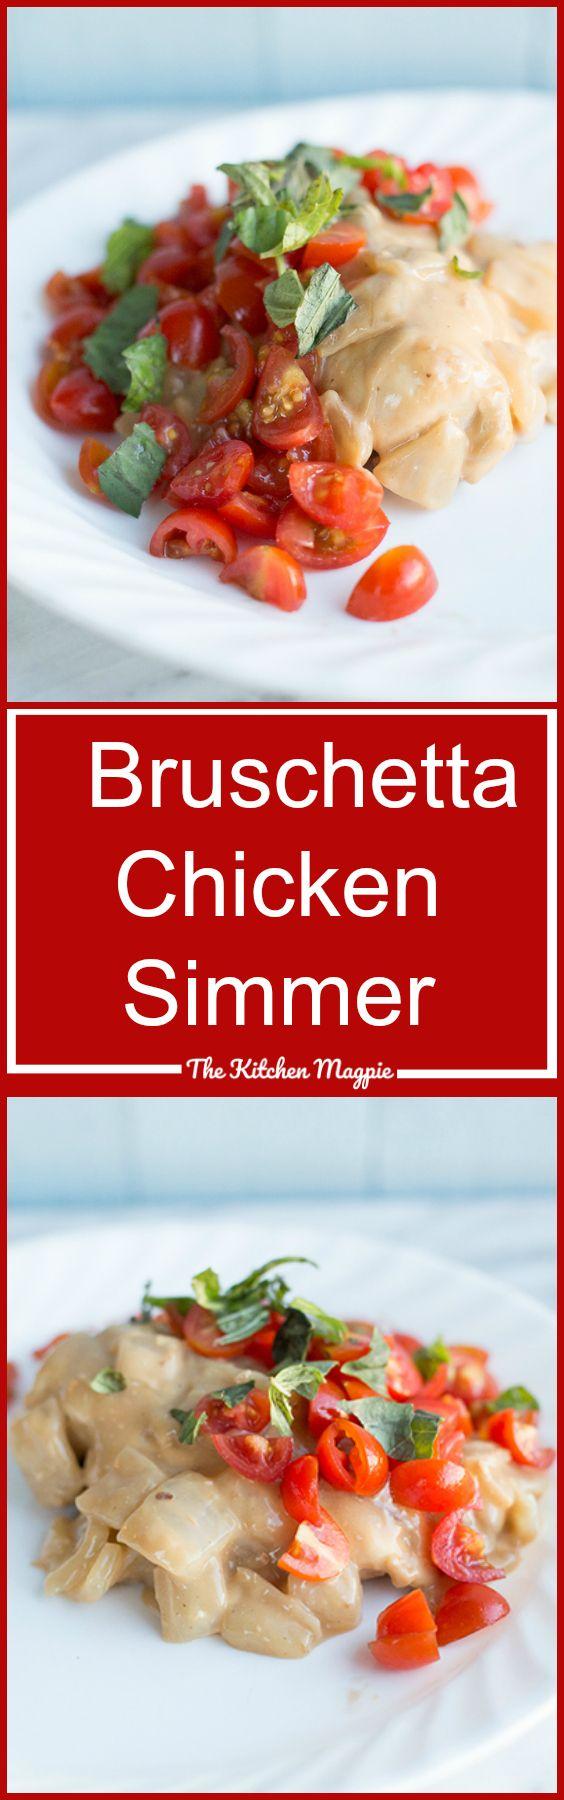 Bruschetta Chicken Simmer - The Kitchen Magpie